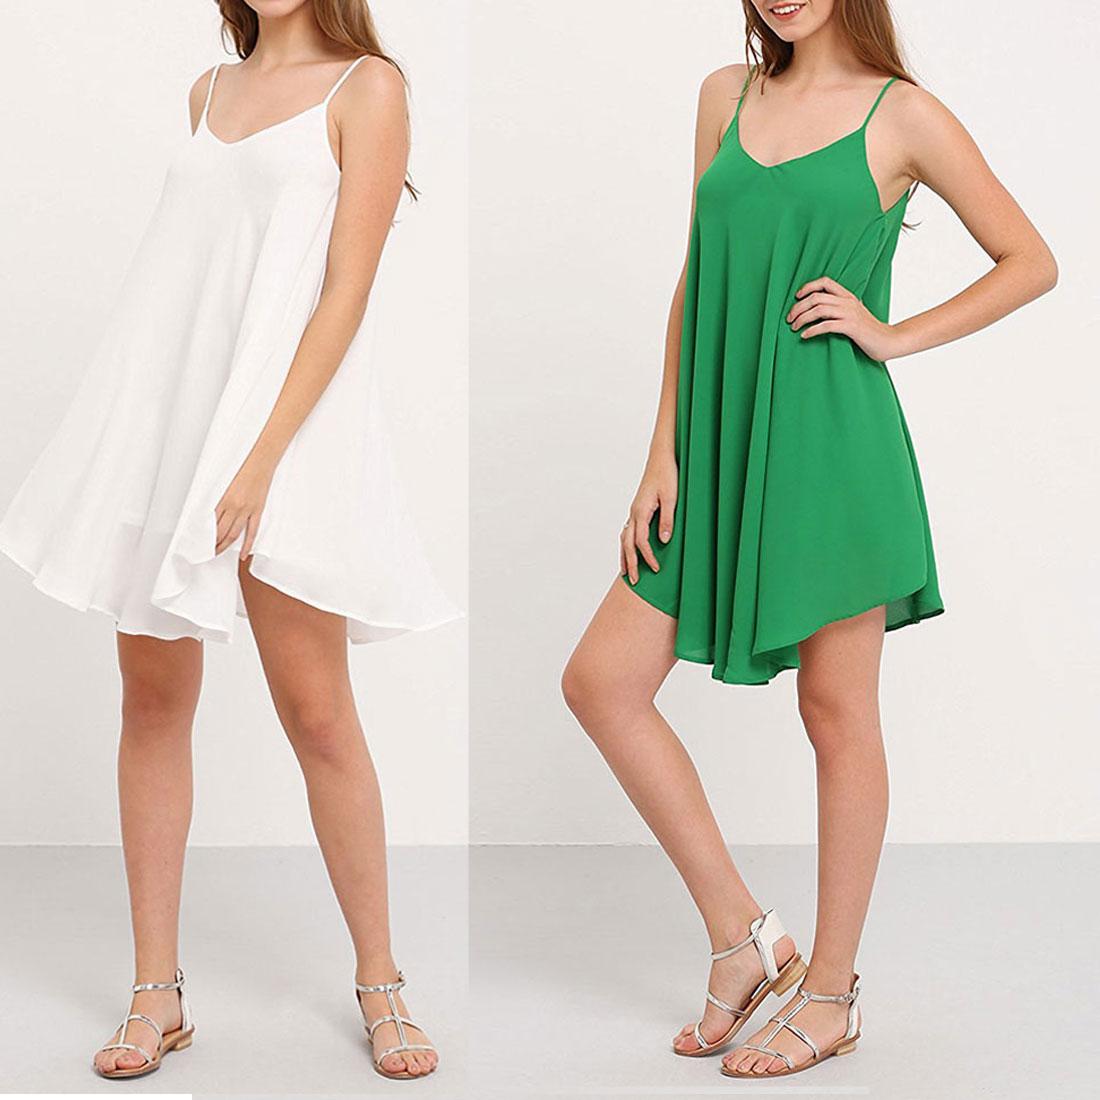 2017 Good Quality 39 s Summer Casual V Neck Spaghetti Strap Sundress Sleeveless Beach Slip Dress in Dresses from Women 39 s Clothing